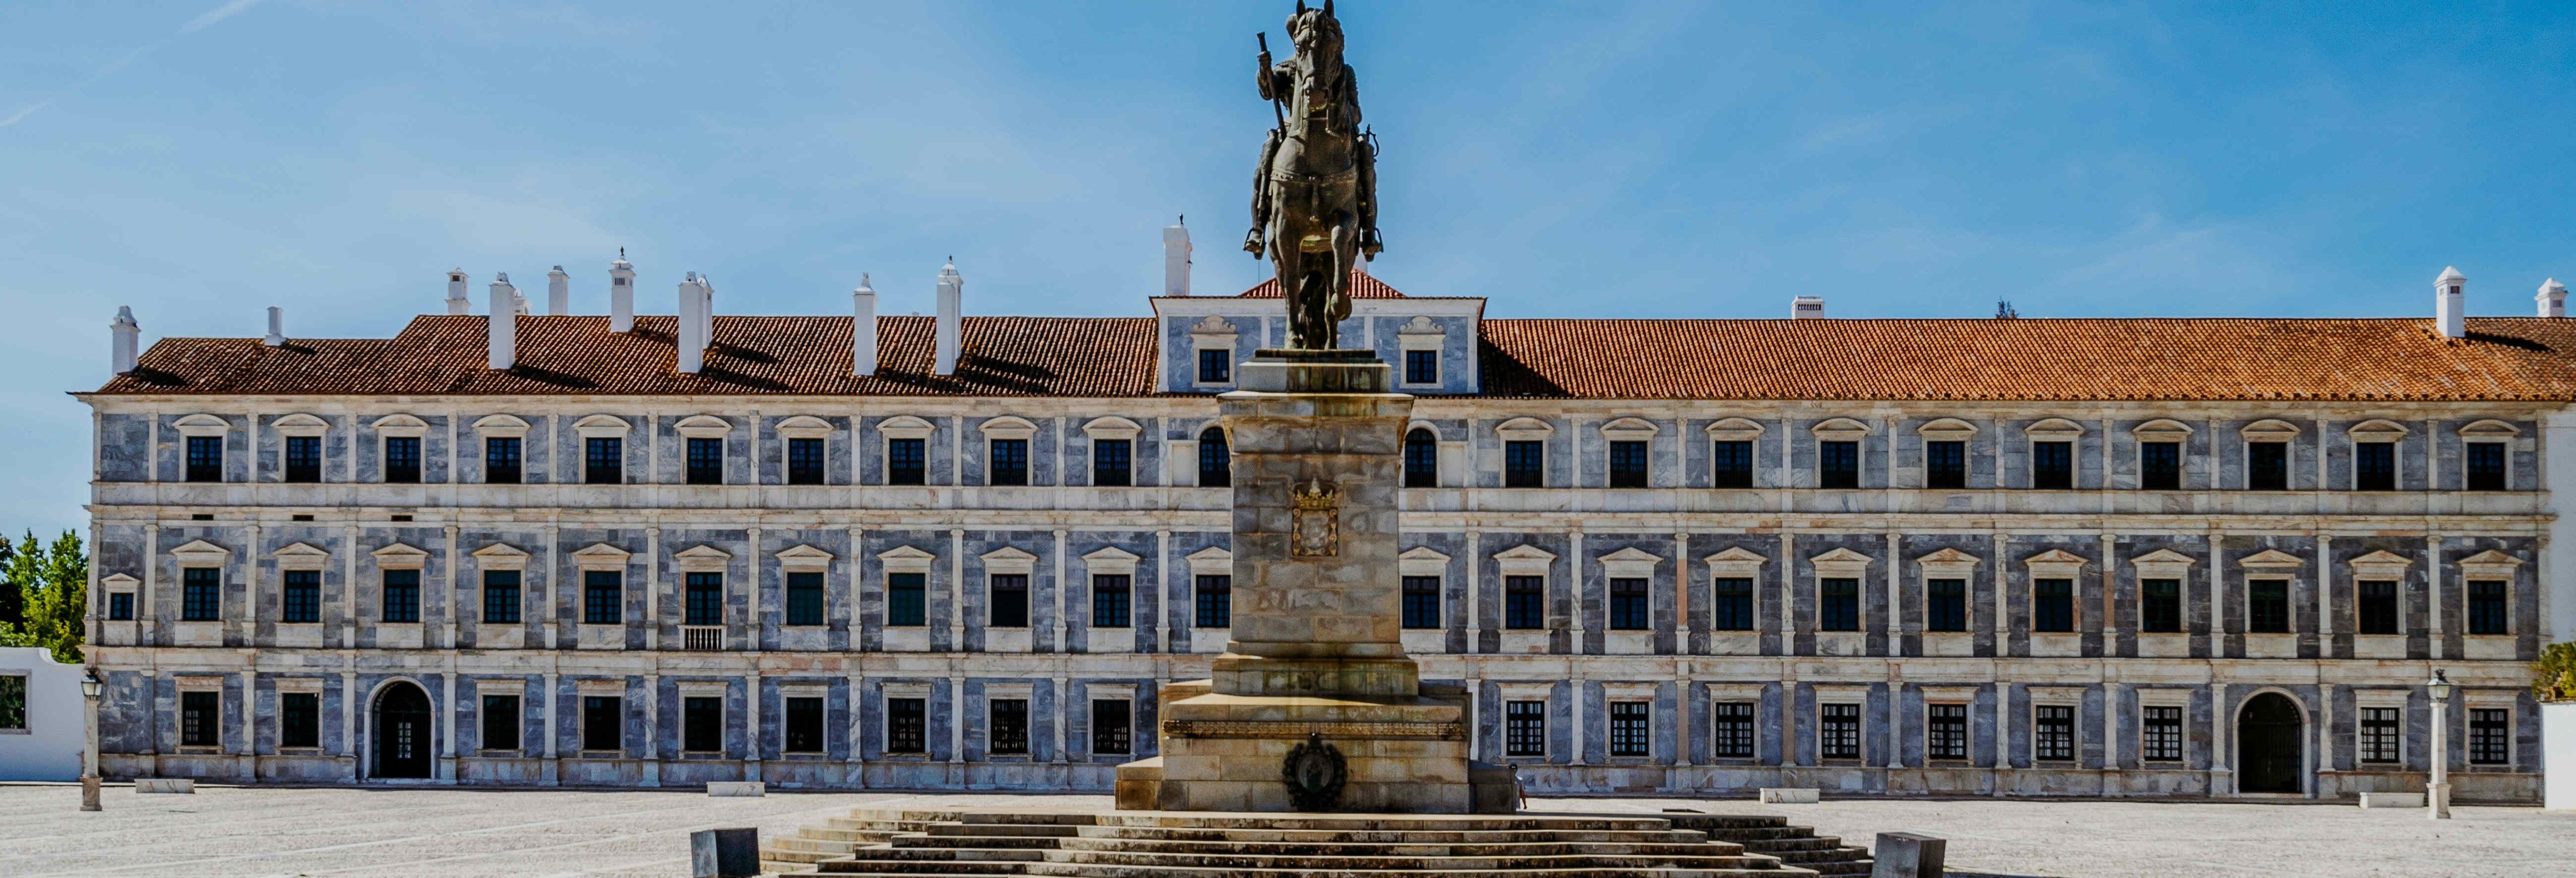 Visita guiada por Vila Viçosa